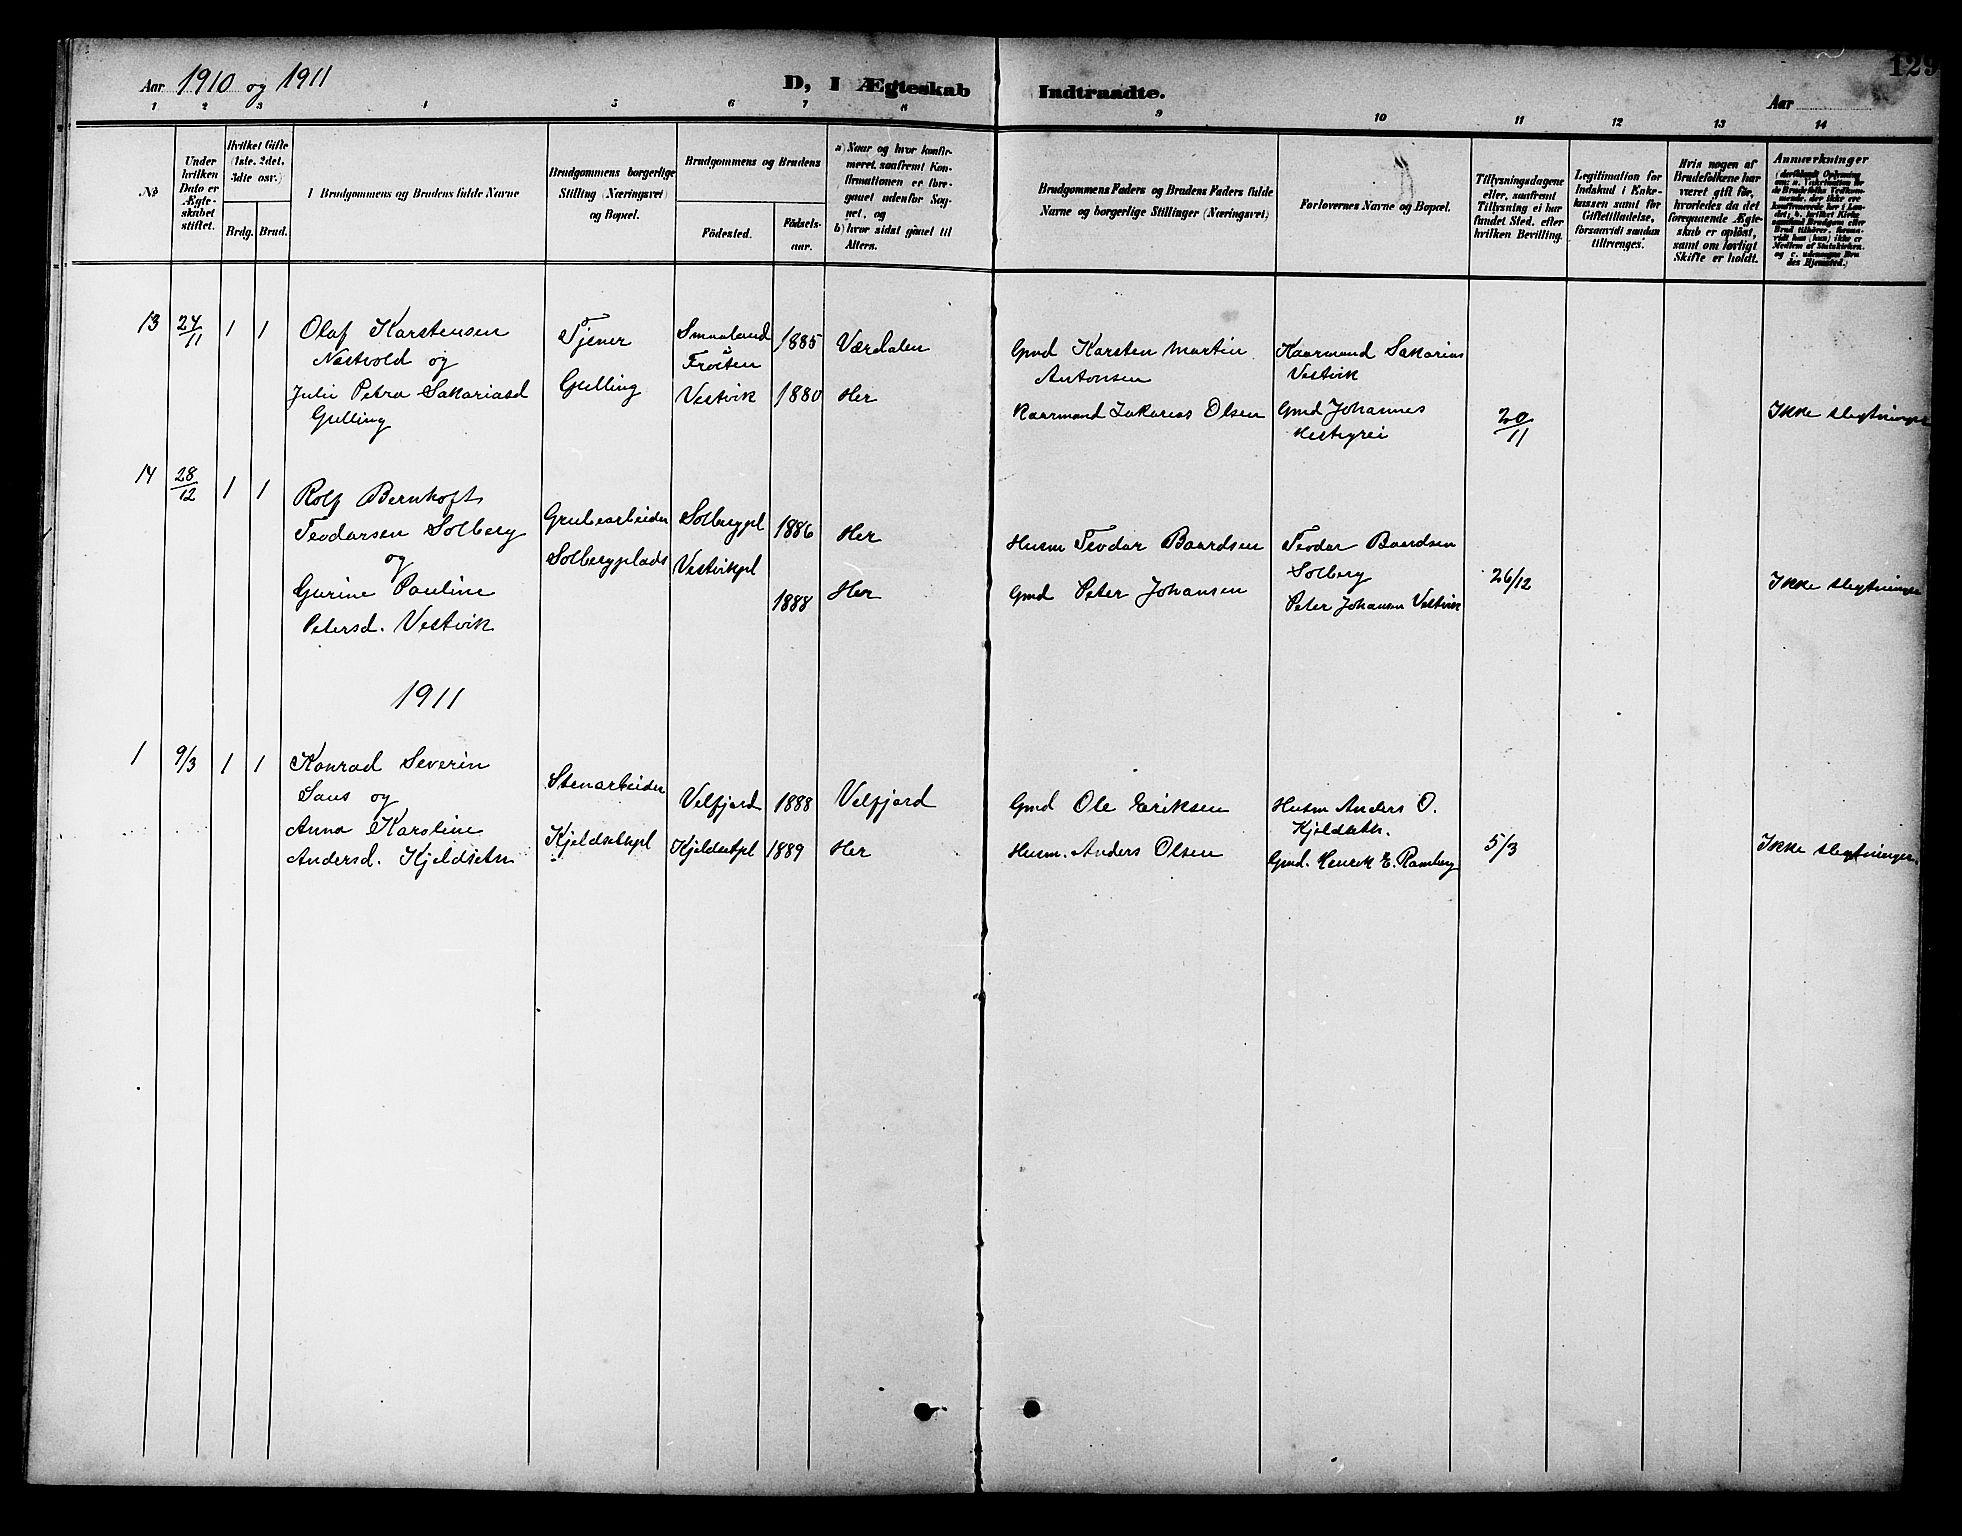 SAT, Ministerialprotokoller, klokkerbøker og fødselsregistre - Nord-Trøndelag, 741/L0401: Klokkerbok nr. 741C02, 1899-1911, s. 129